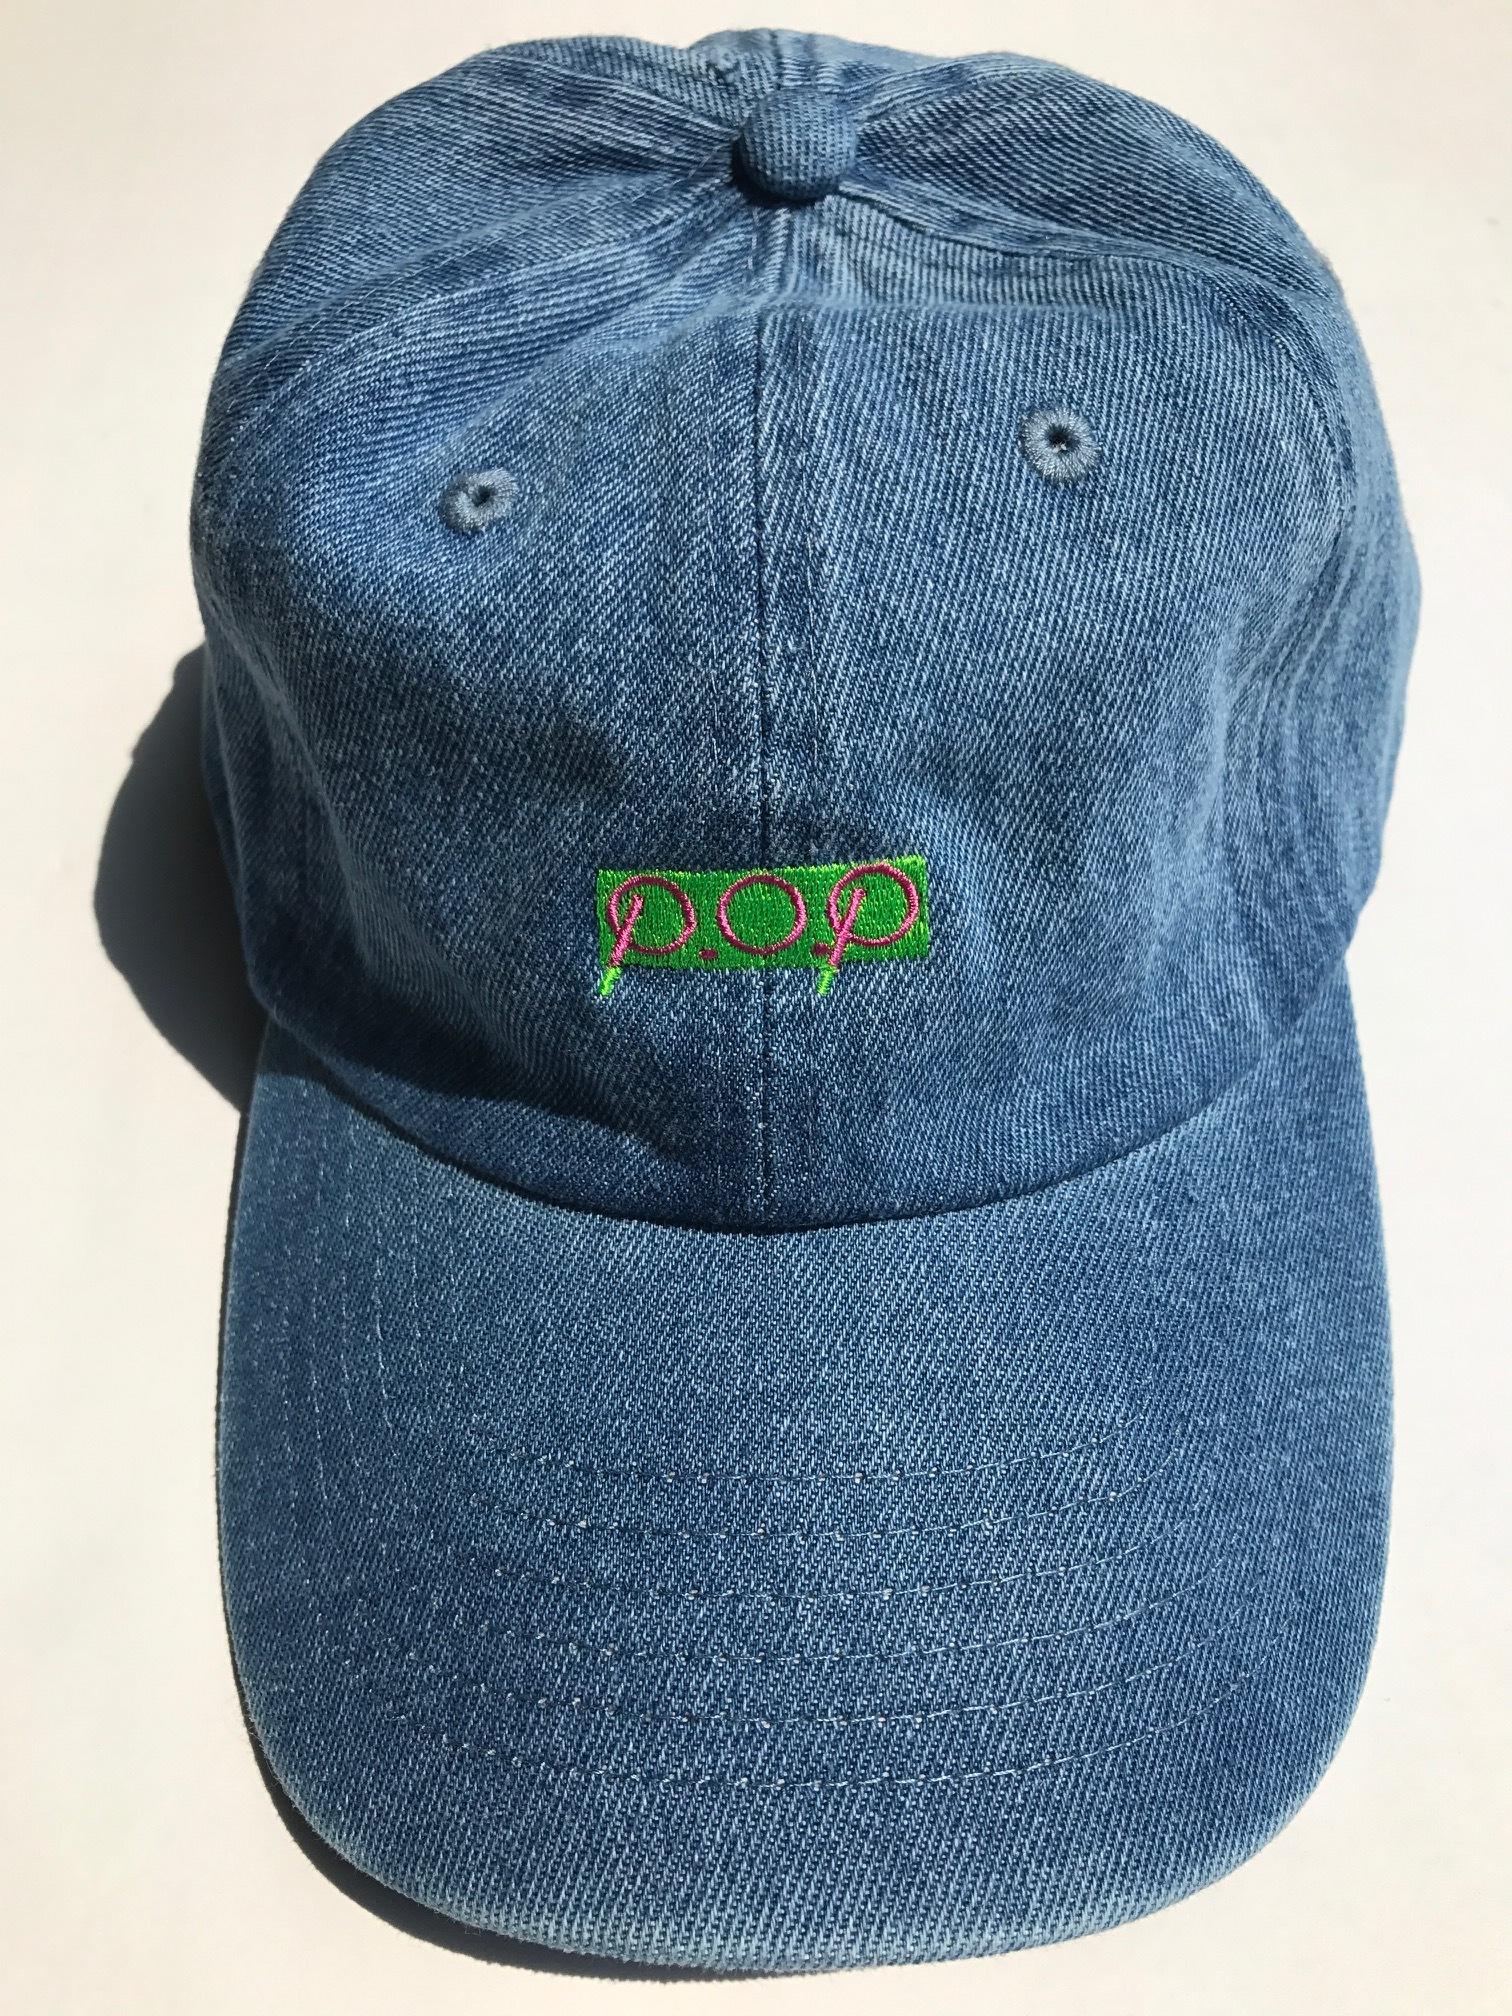 P.O.P CAP デニム - 画像3